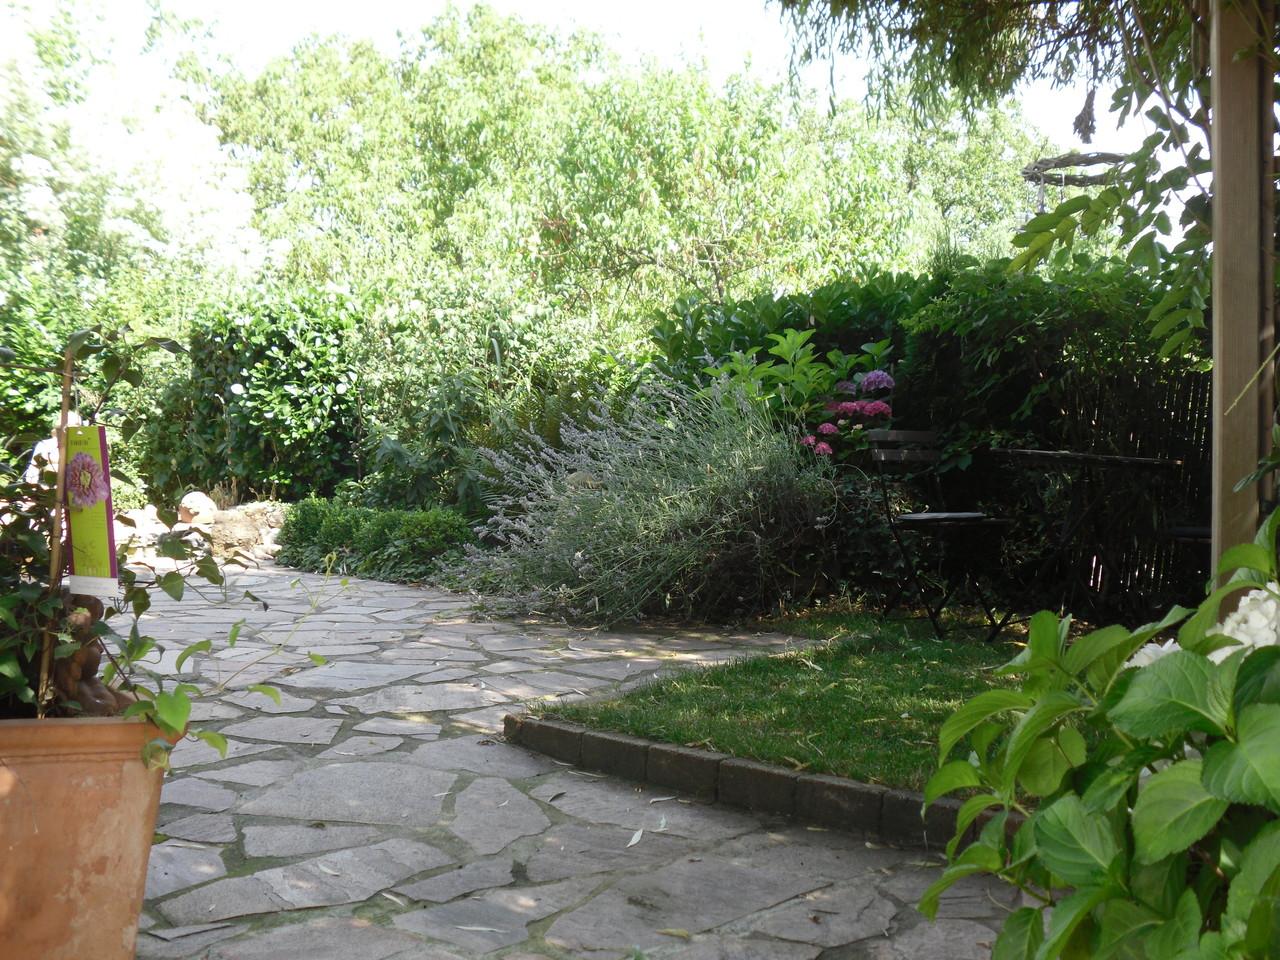 Schick thilo garten und landschaftspflege marbach for Garten und landschaftspflege